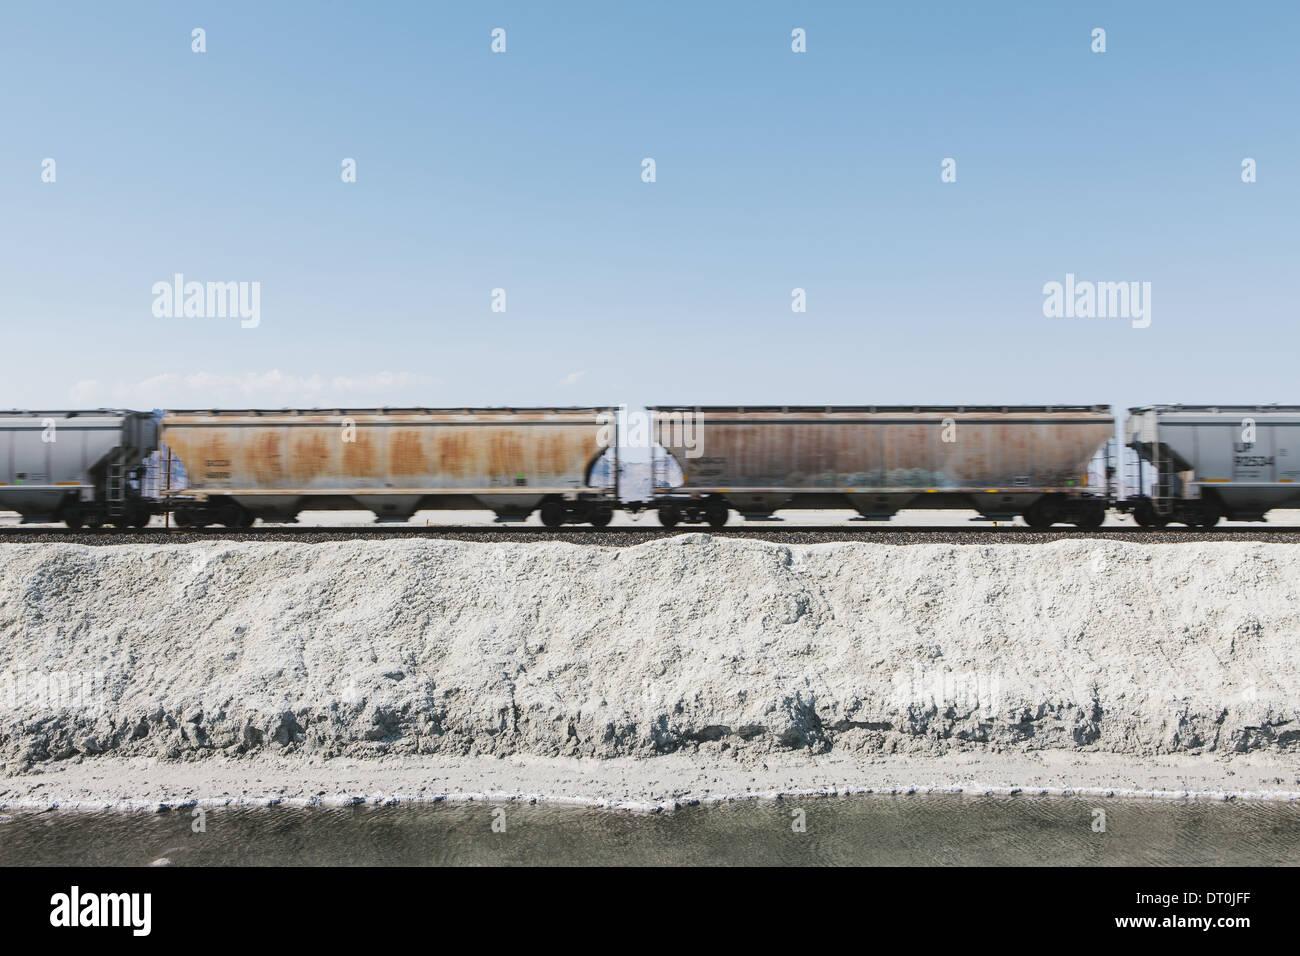 Bonneville Salt Flats en Utah USA train de marchandises dans le désert sur des rails de chemin de fer Photo Stock